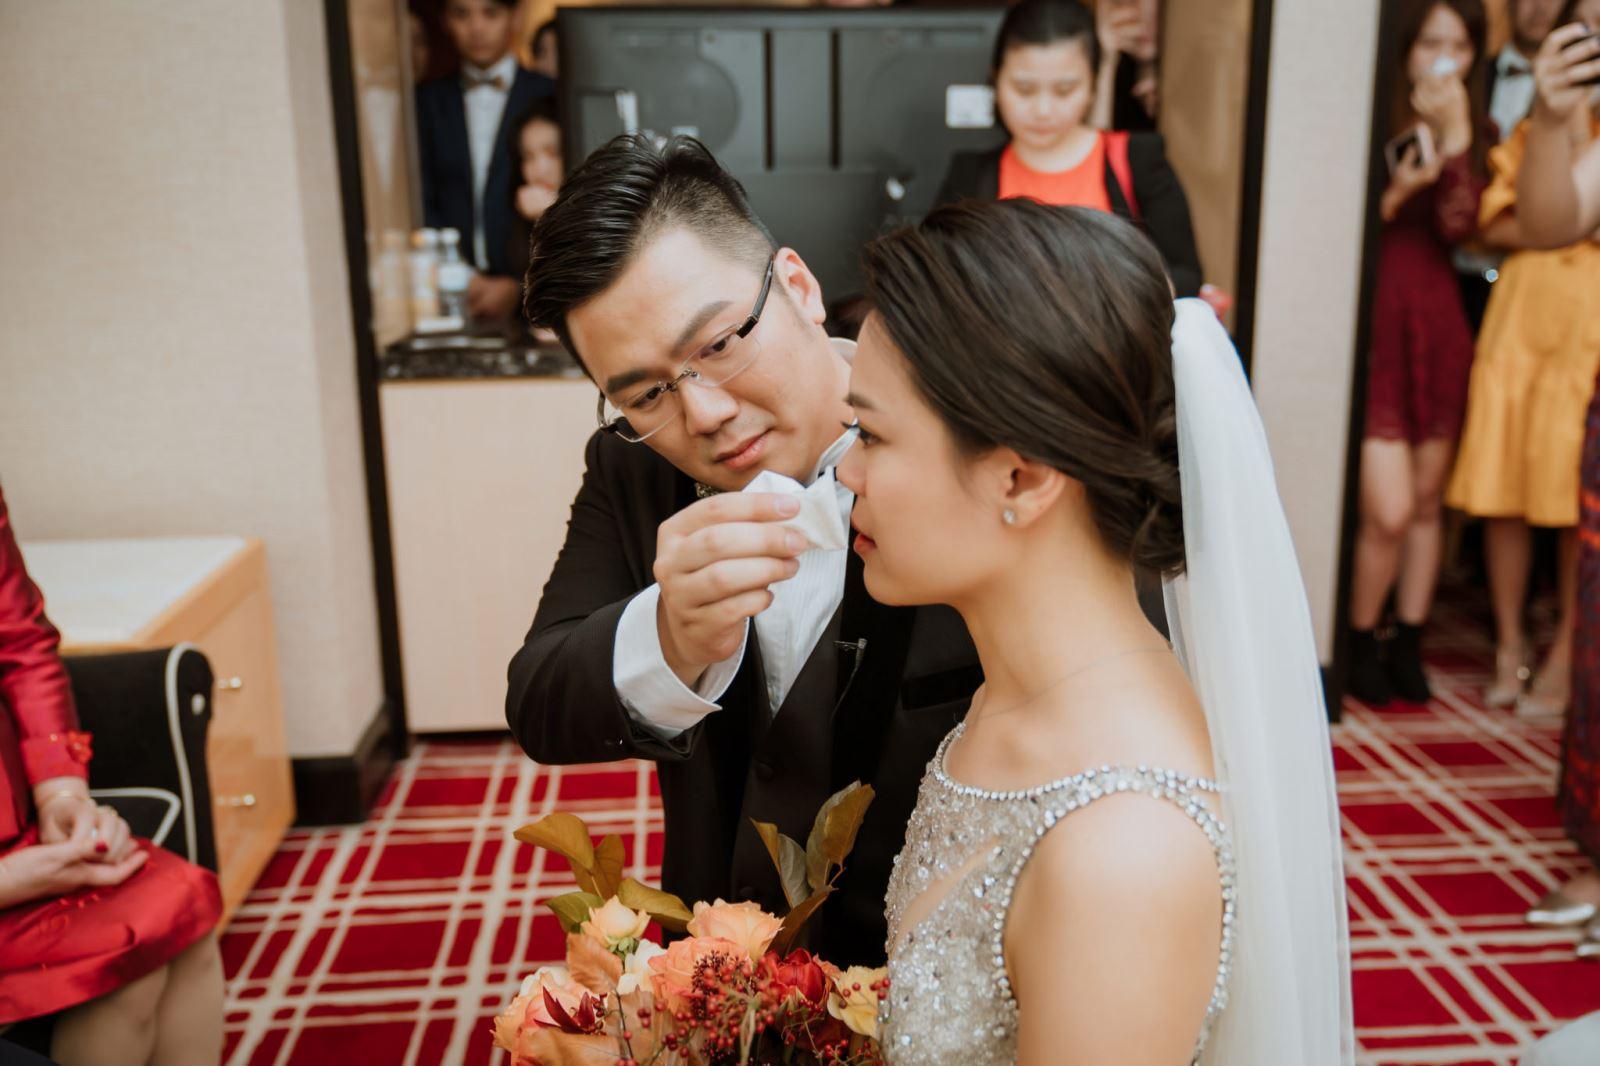 台中婚禮主持人服務迎娶時,新郎為新娘擦眼淚在台中林酒店